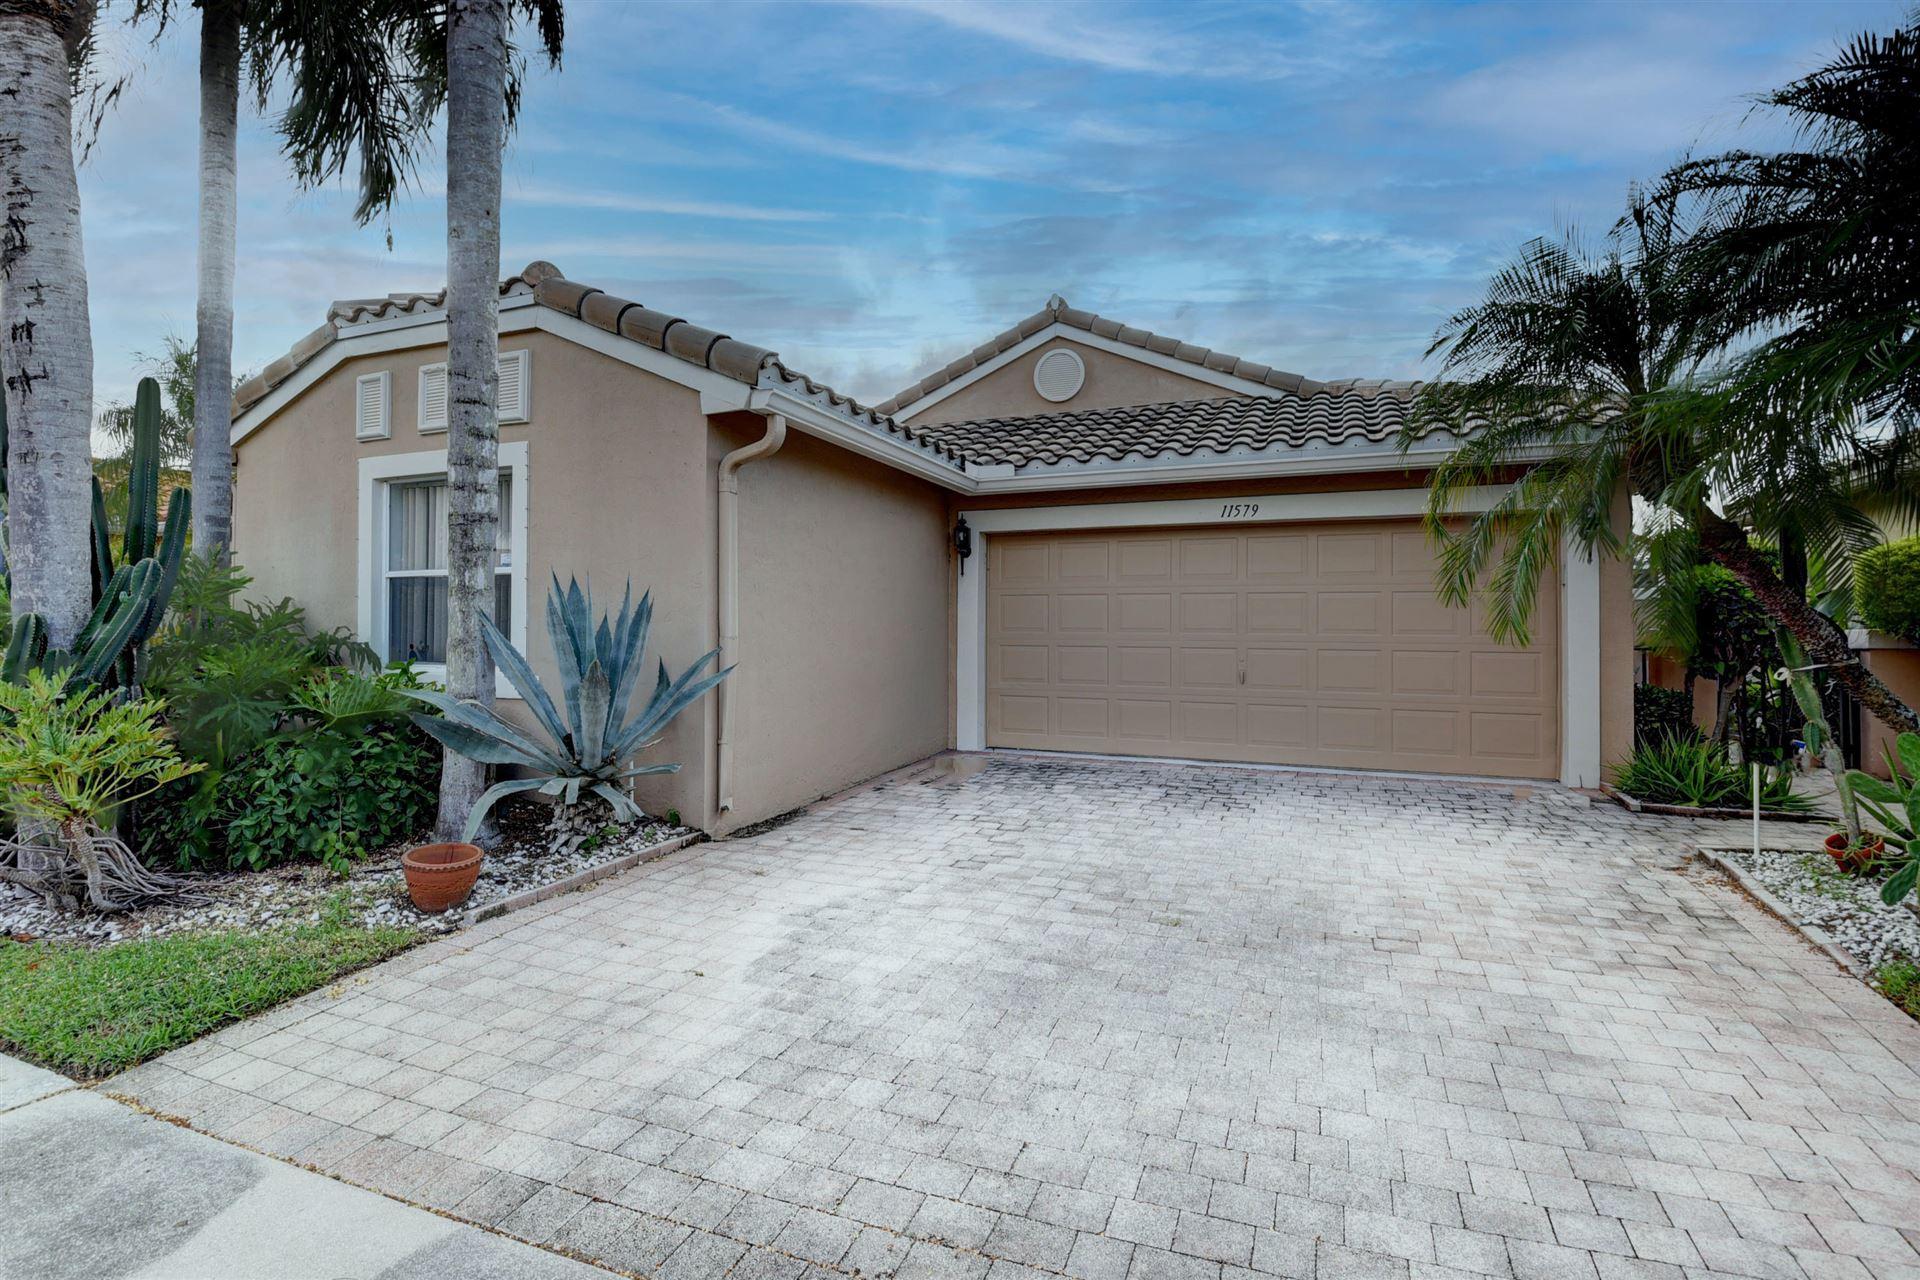 11579 Colonnade Drive, Boynton Beach, FL 33437 - #: RX-10668329